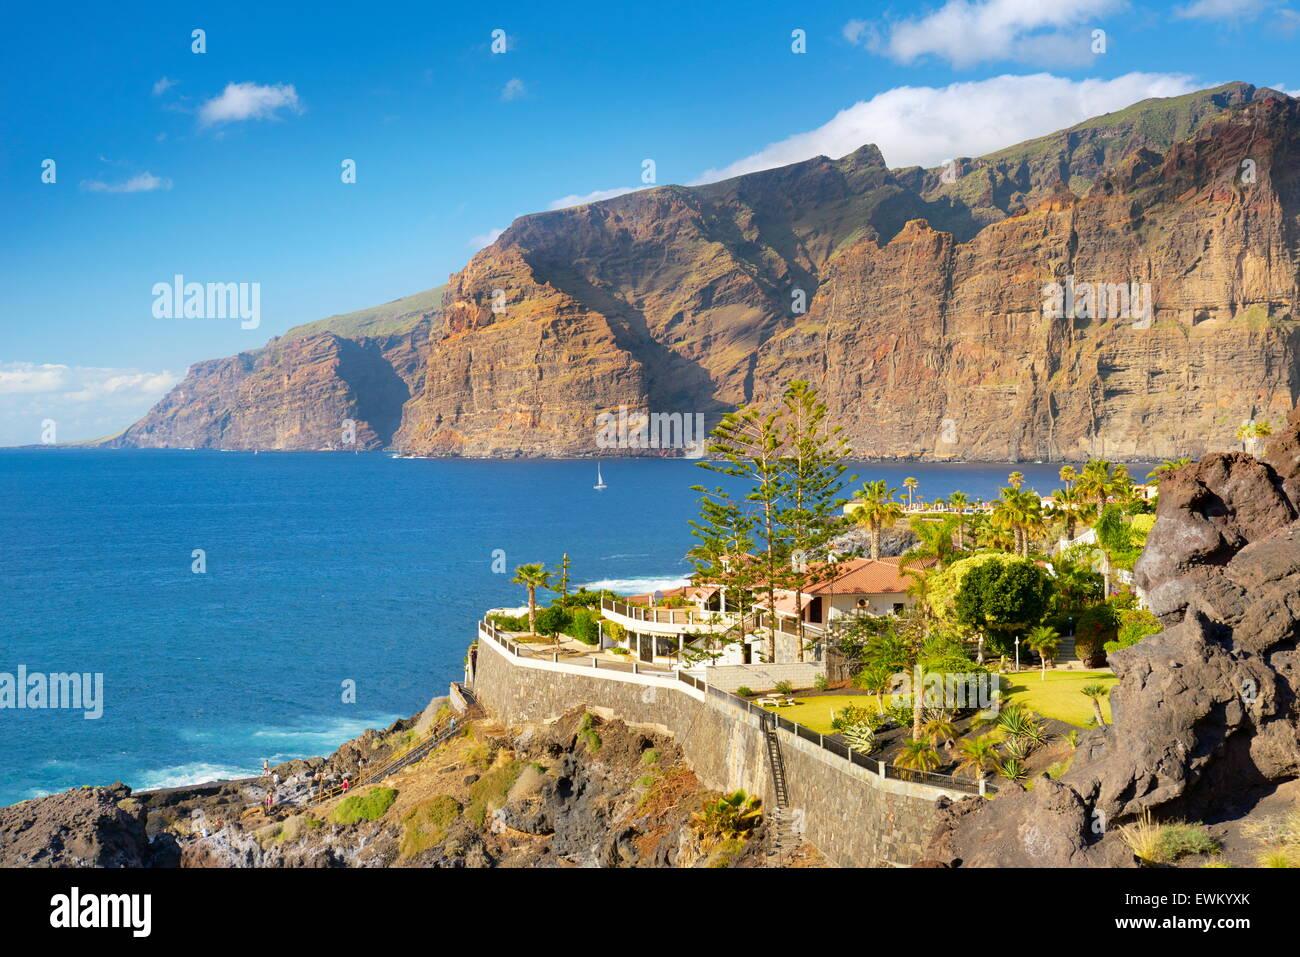 Acantilados de Los Gigantes, Tenerife, Islas Canarias, España Imagen De Stock